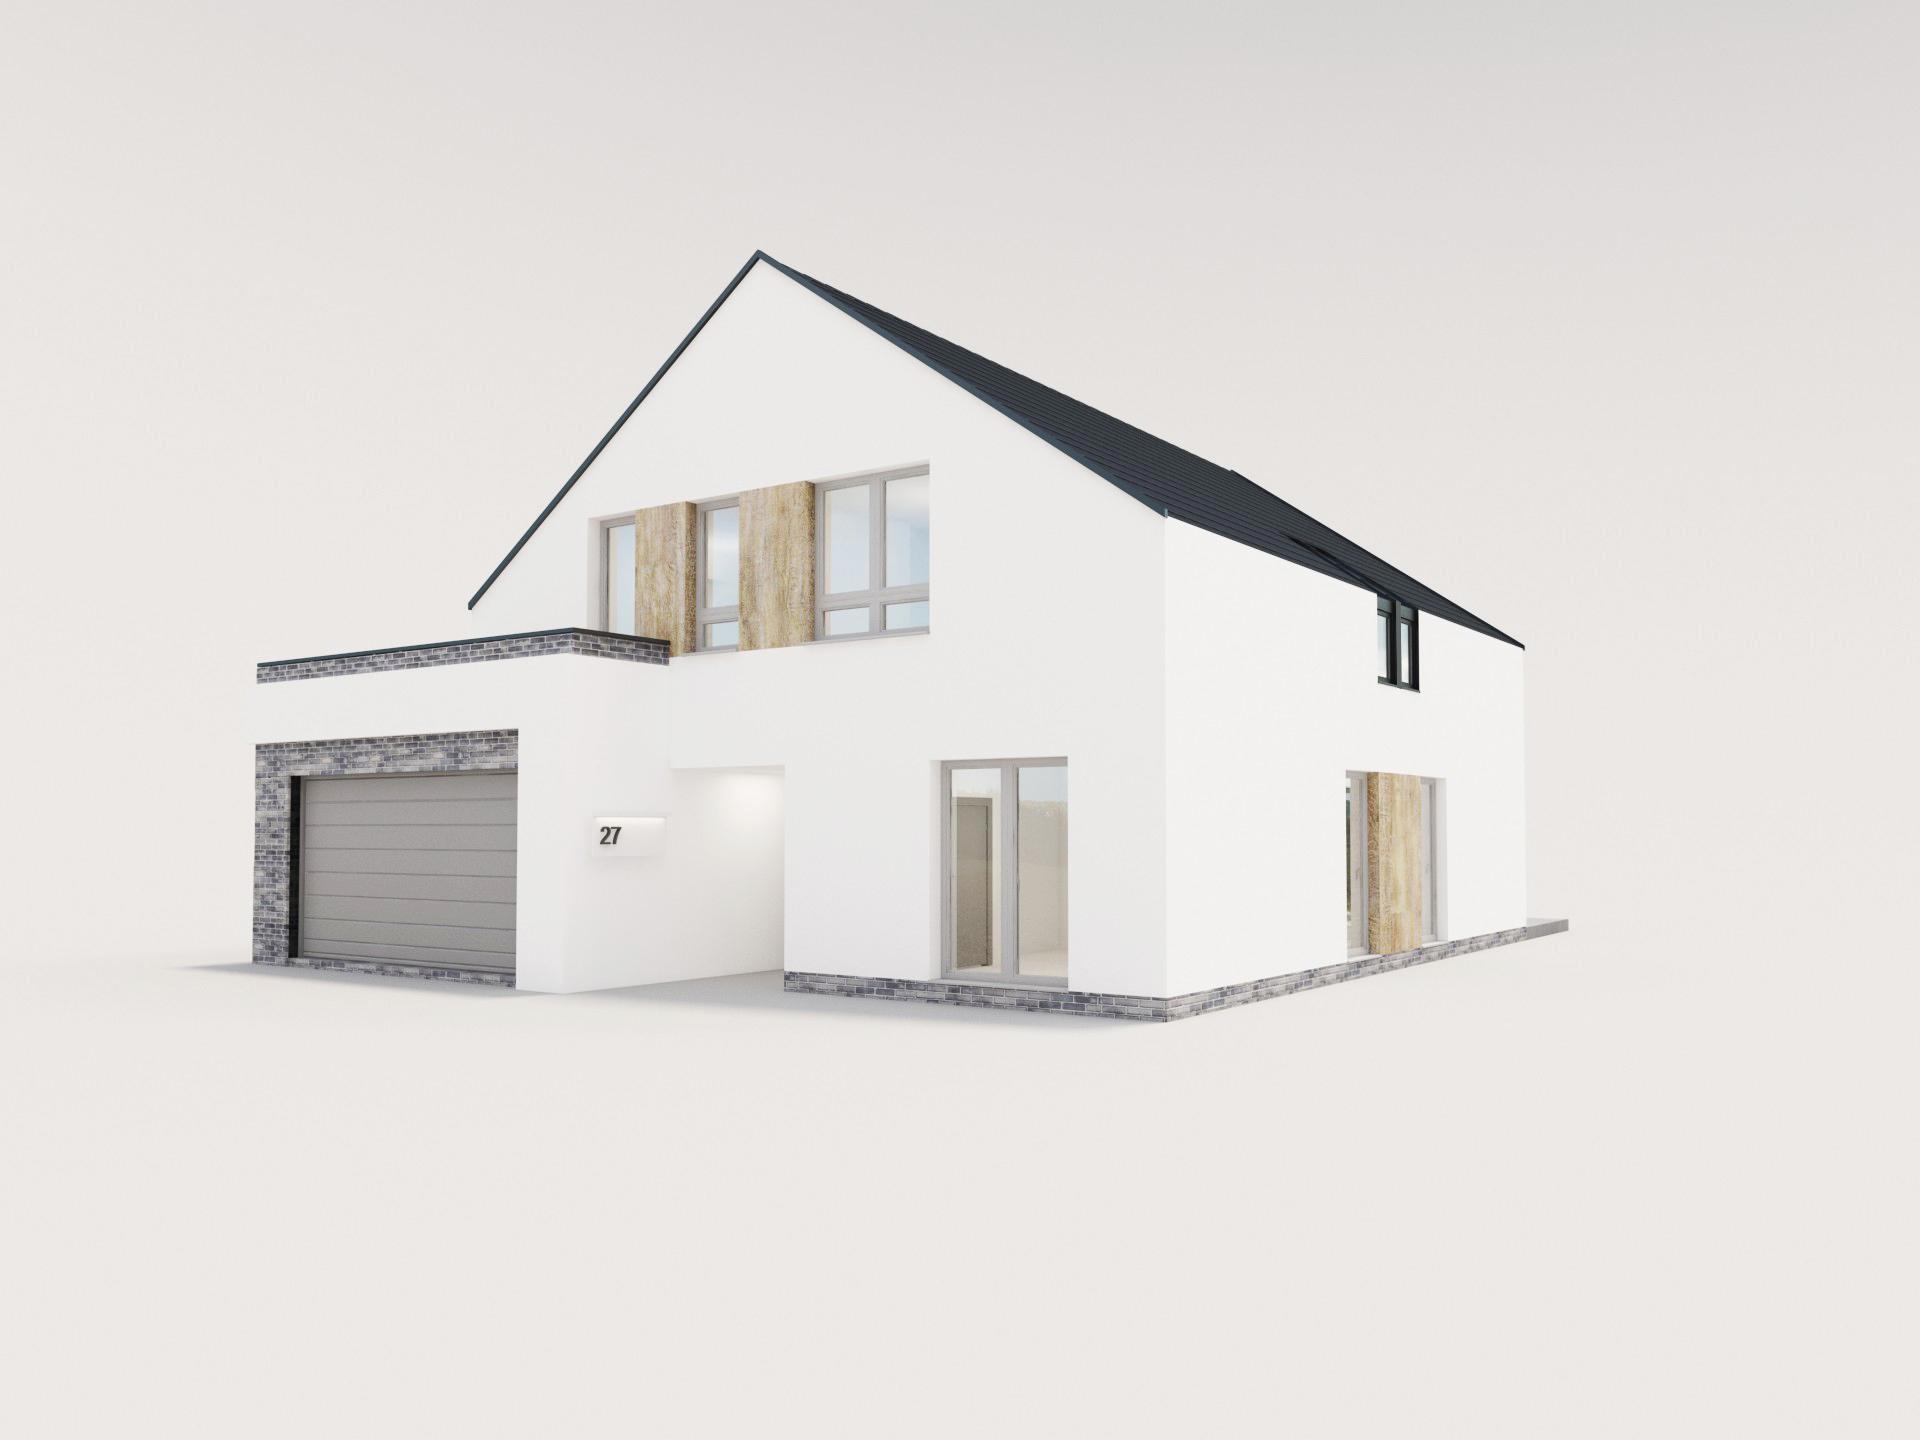 biała elewacja domu